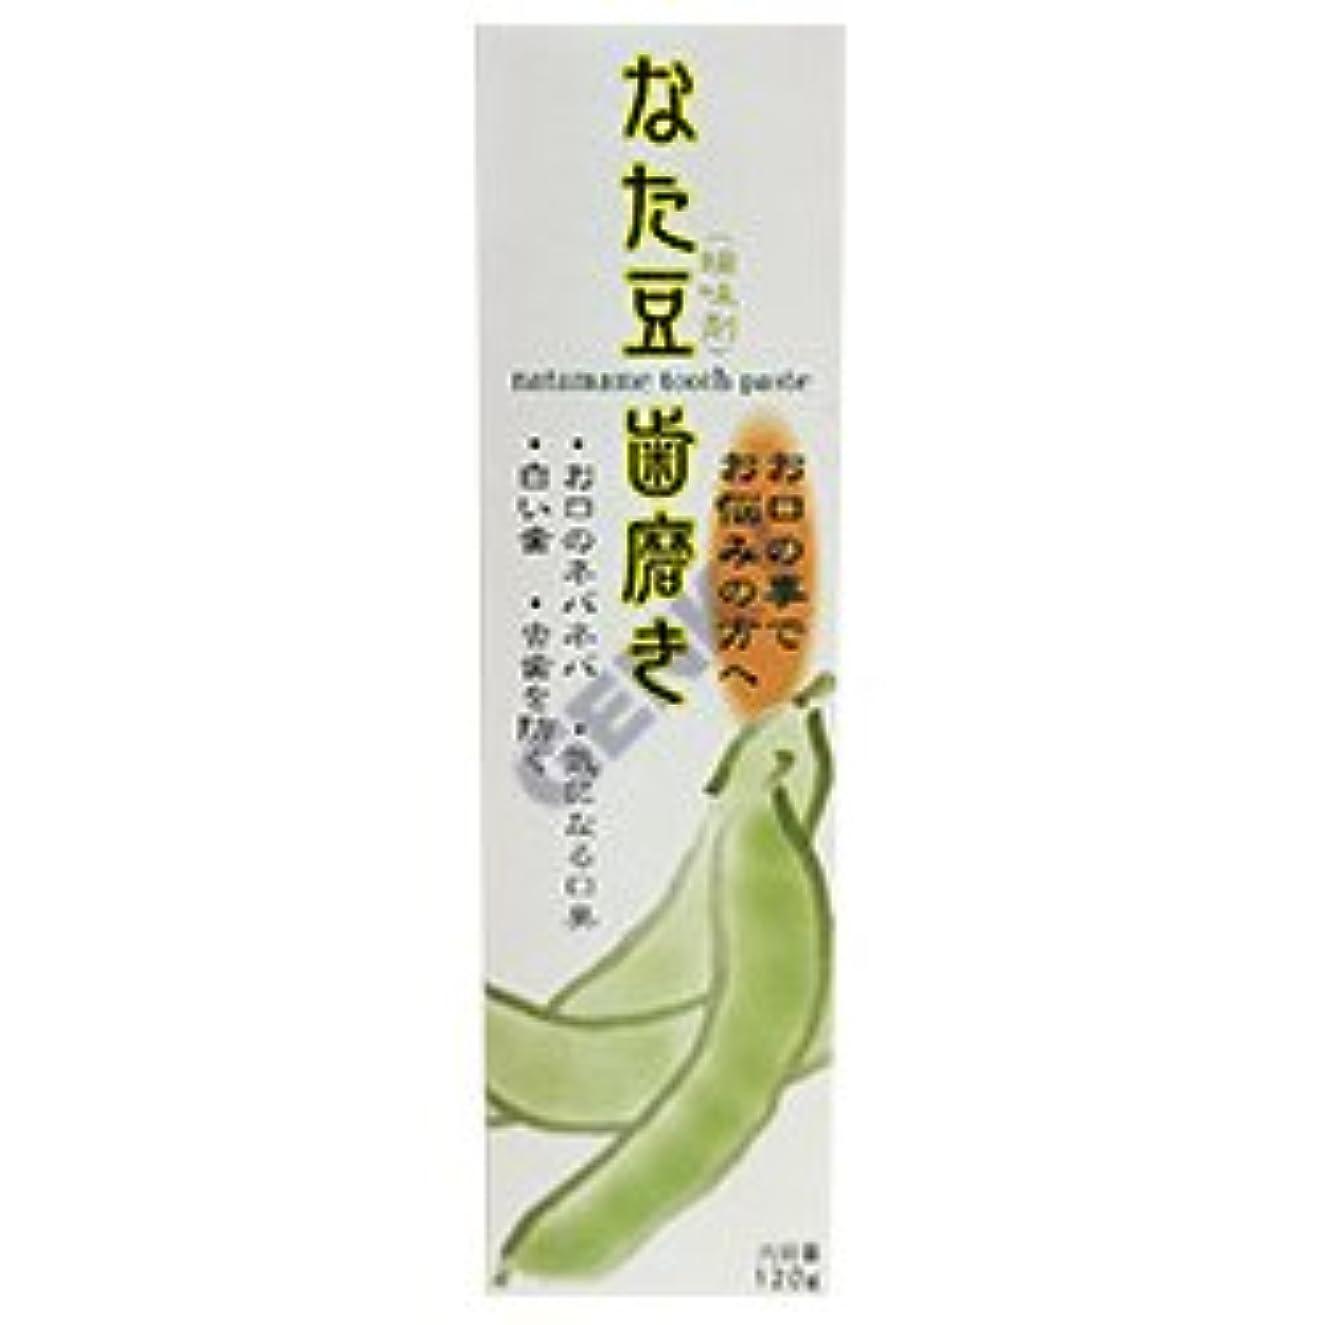 【モルゲンロート】なた豆歯磨き 120g ×20個セット